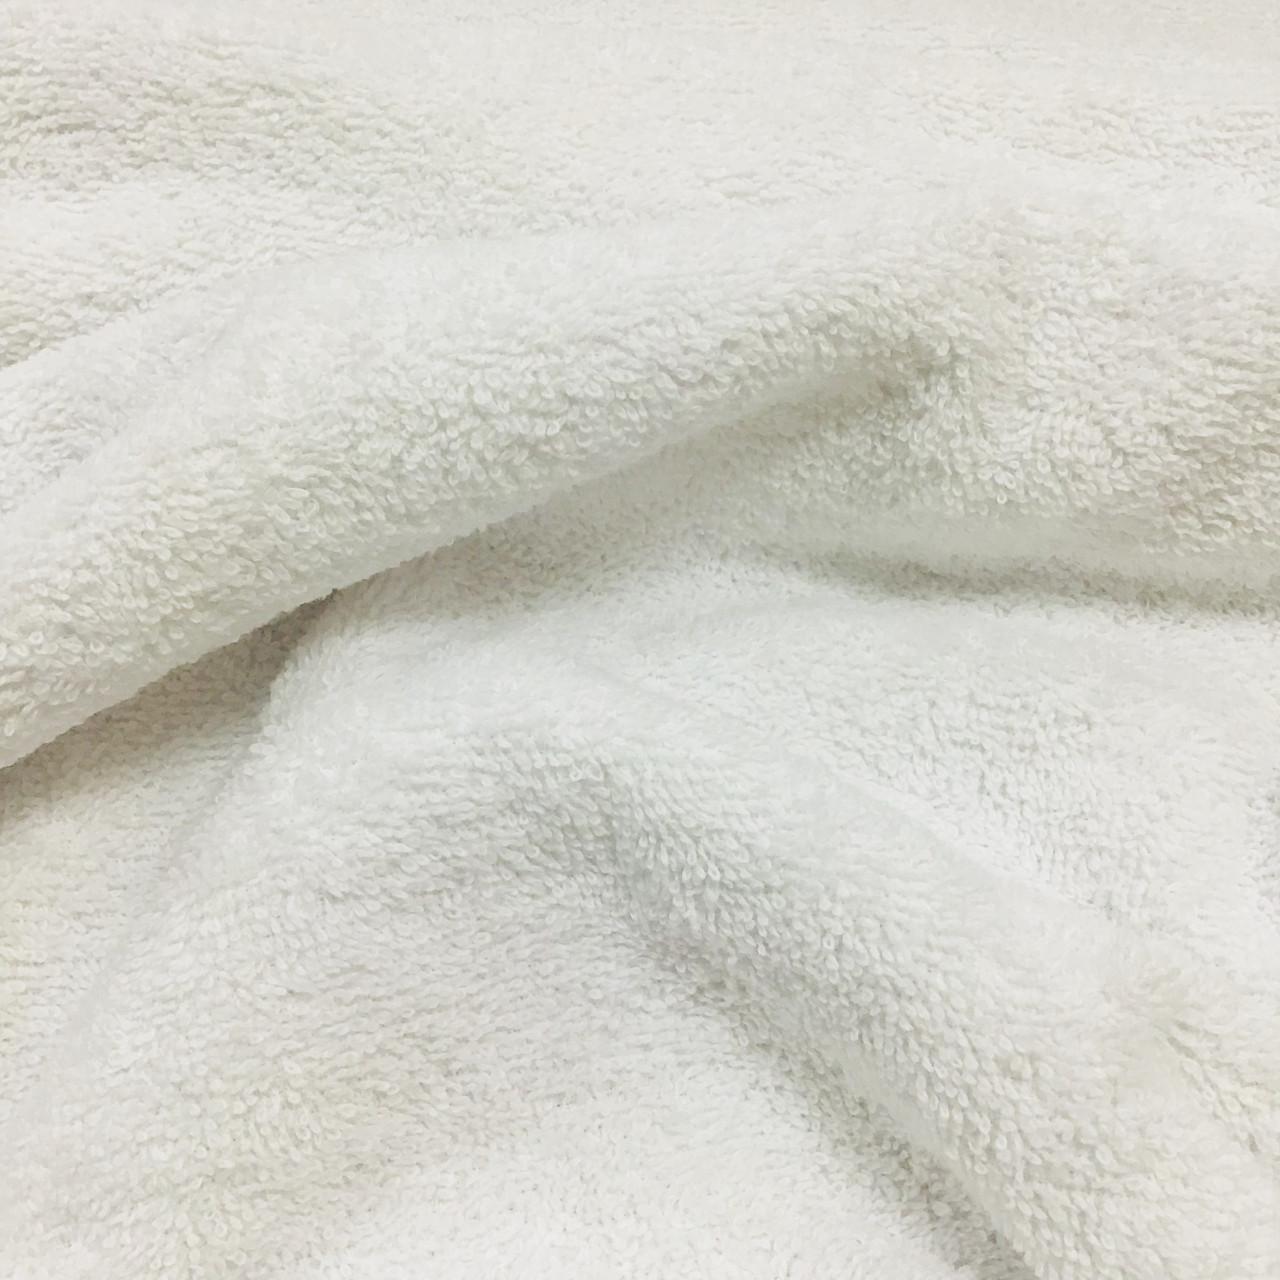 Махровая ткань двухсторонняя премиум, белого цвета (380 г/м.кв.), 100% хлопок